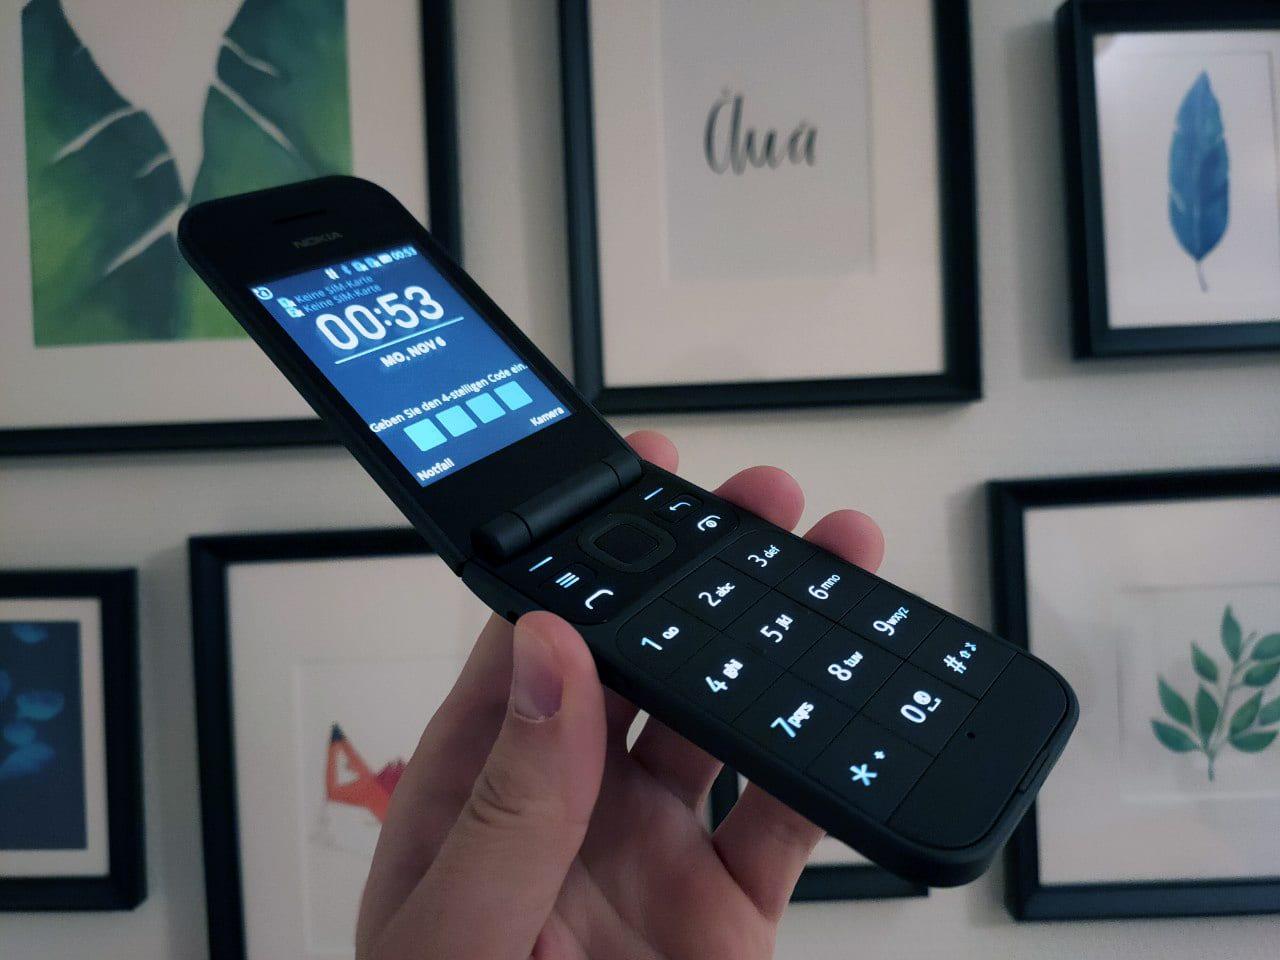 Nokia 7220 Flip Handy aufgeklappt Test/Review